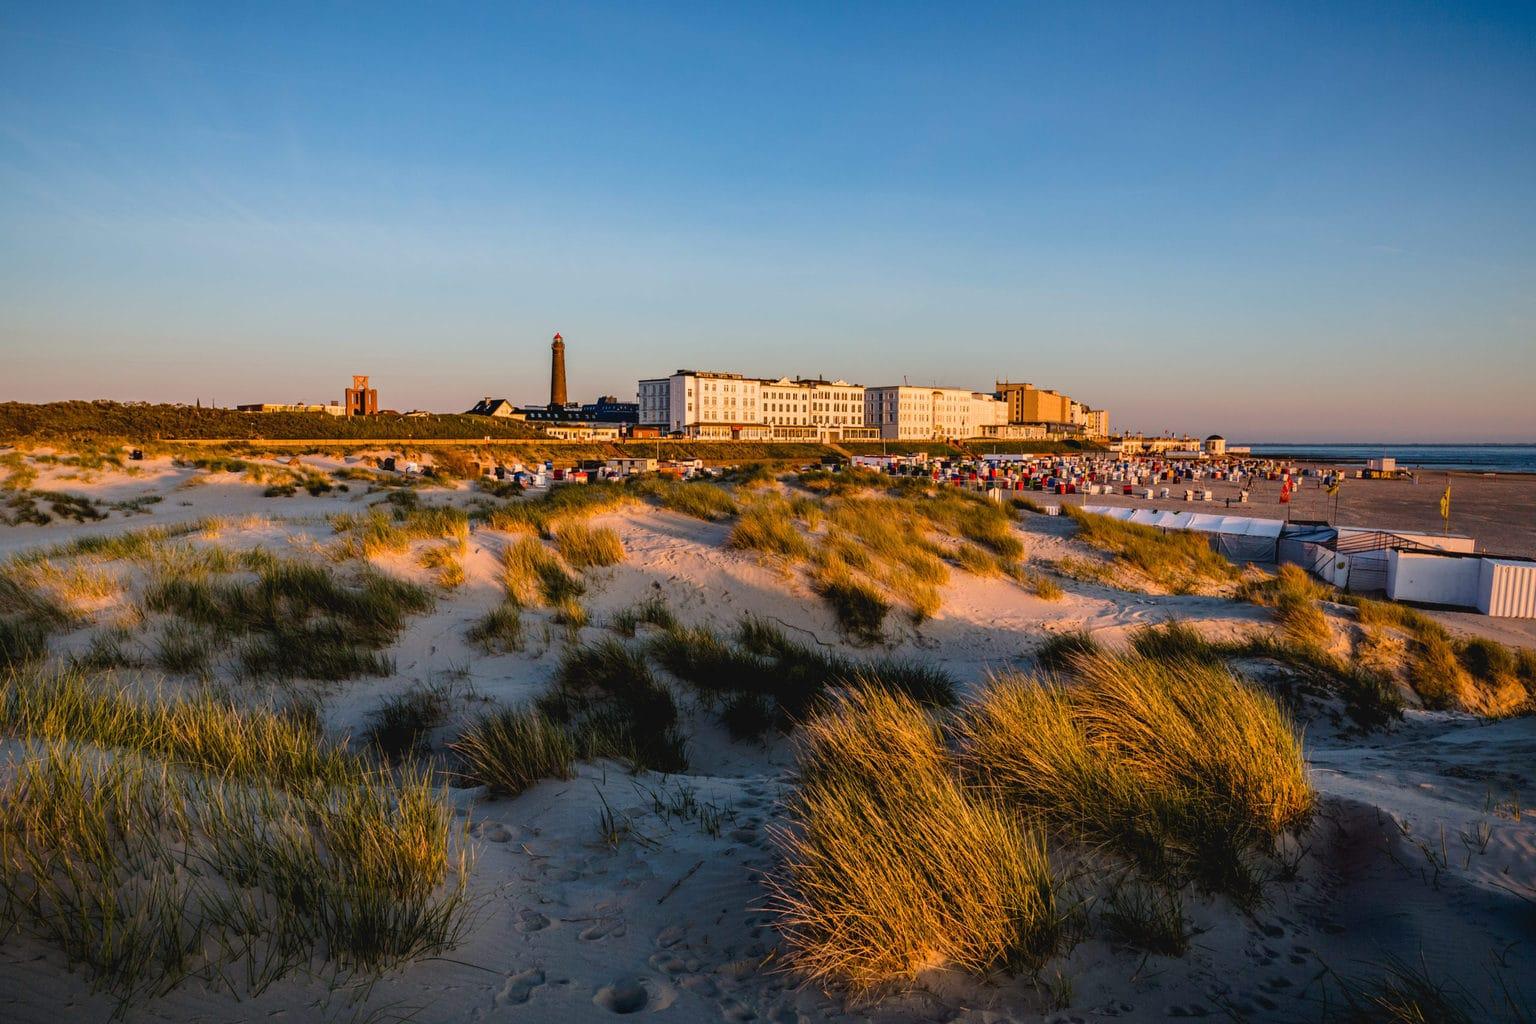 Duinen aan het strand van het Duits waddeneiland met vuurtoren en appartementen